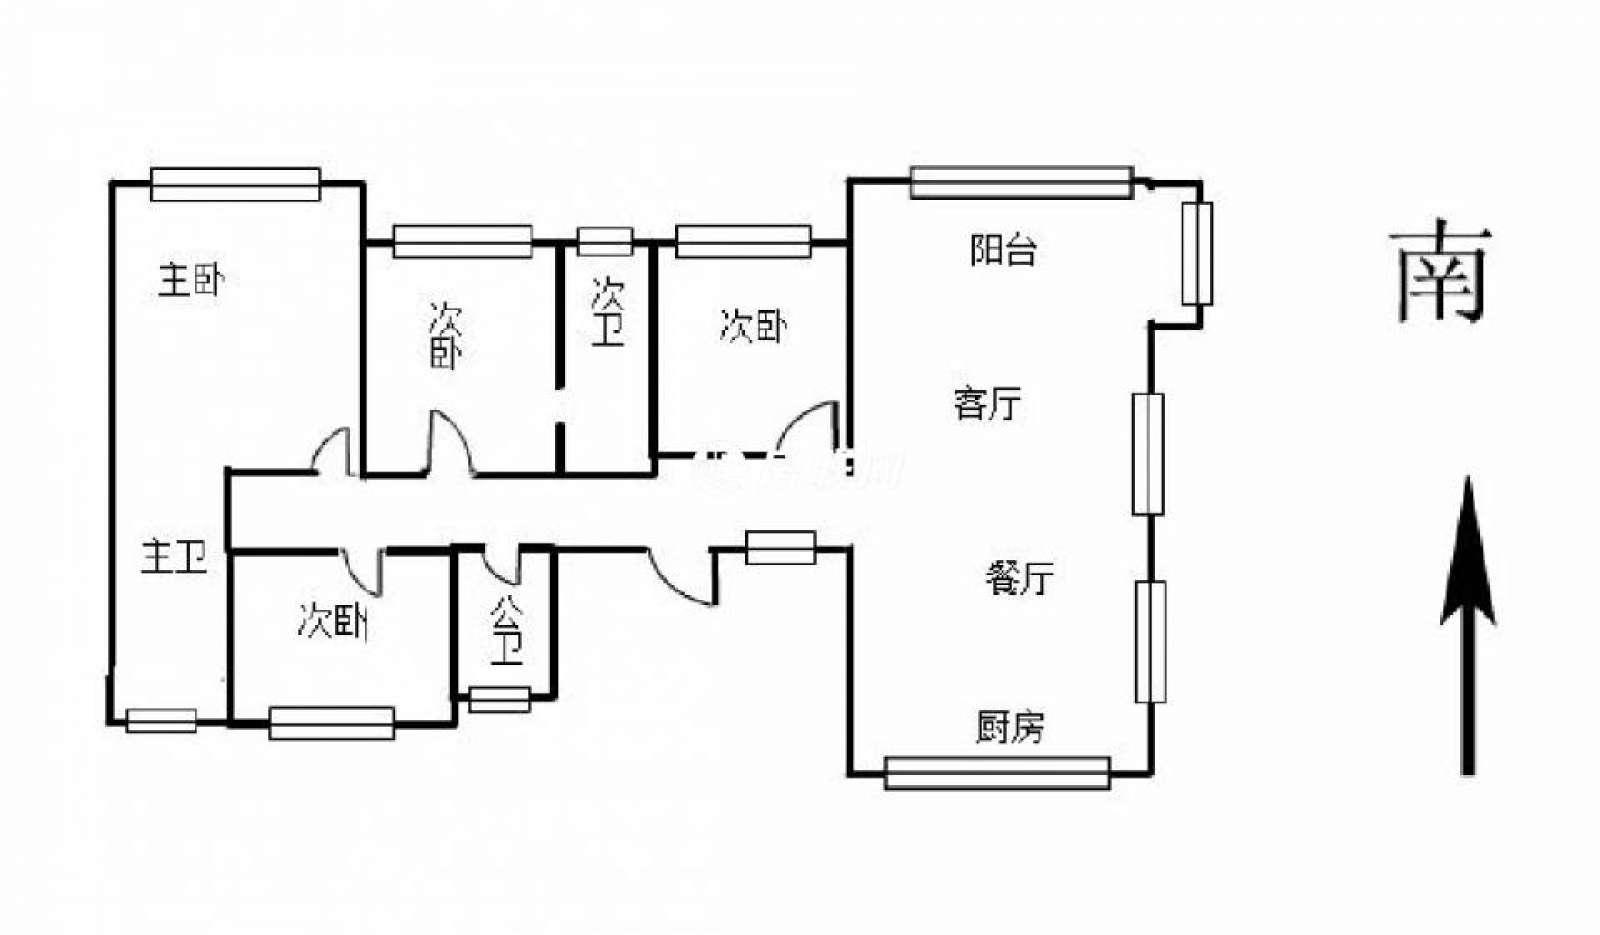 中奥广场 4室2厅218.12㎡